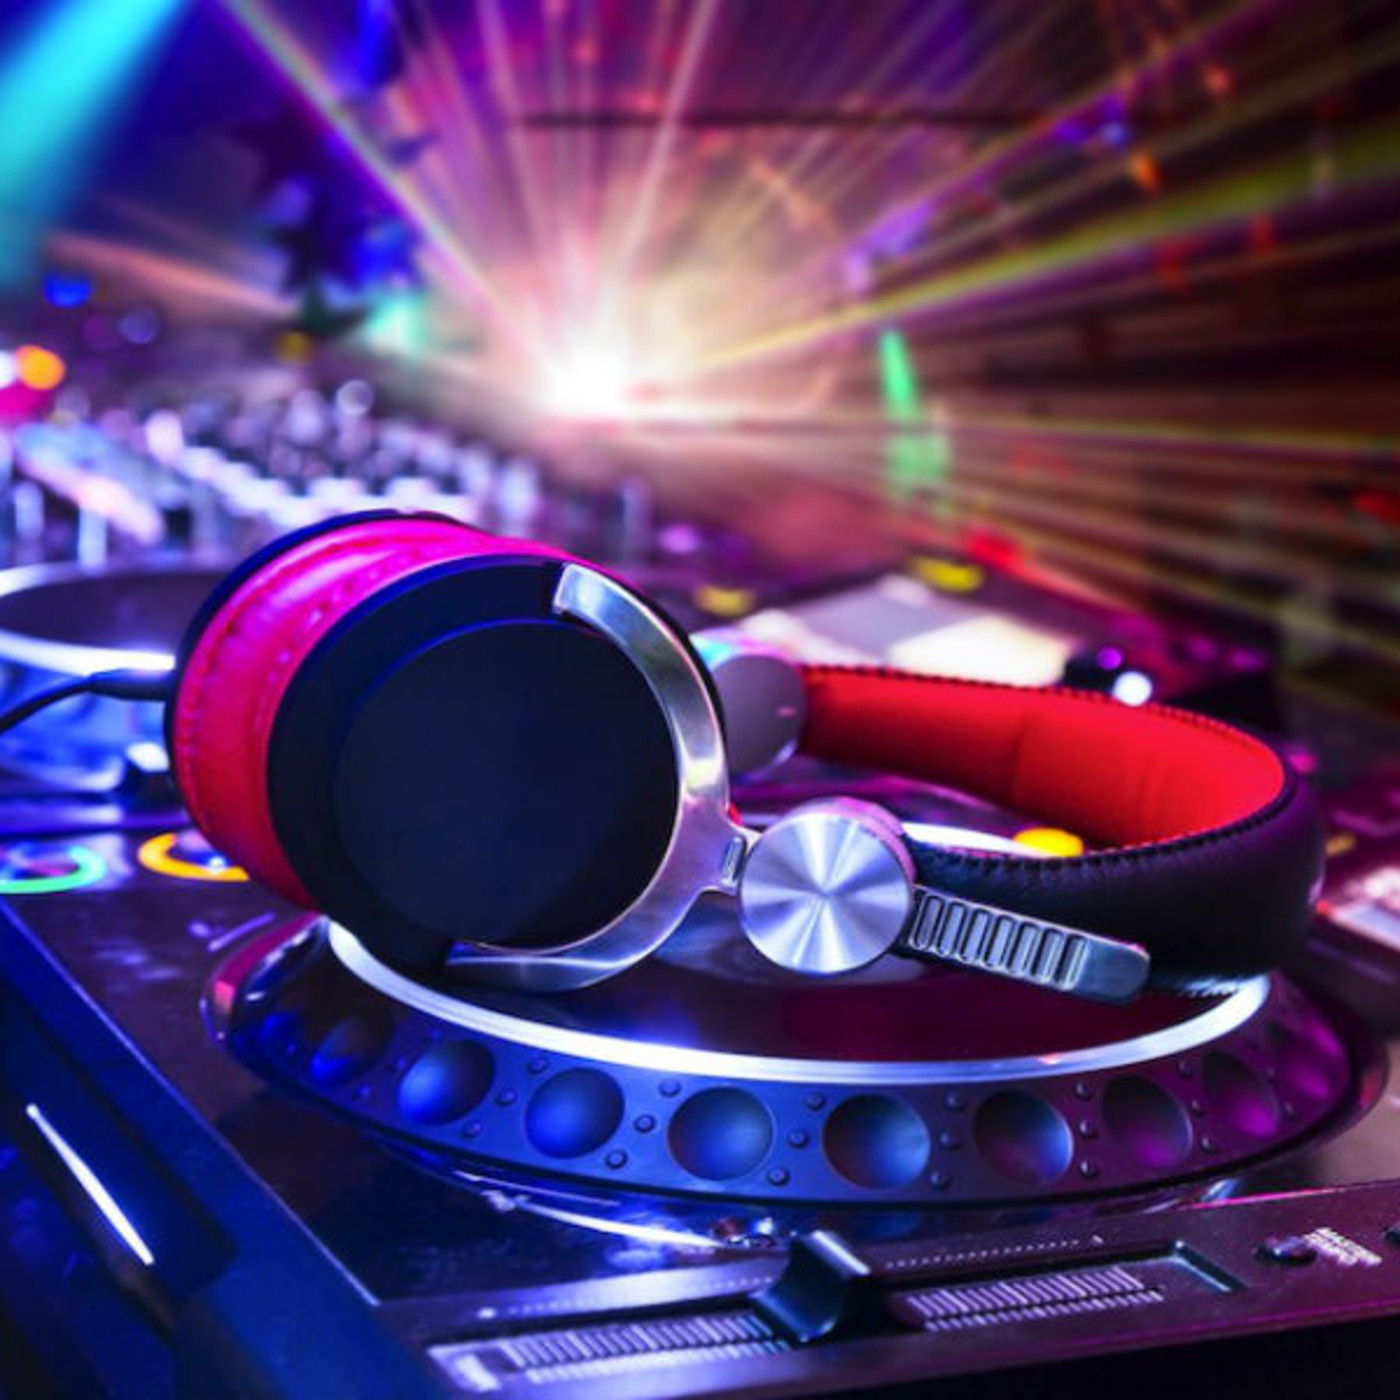 descargar un mix de musica electronica